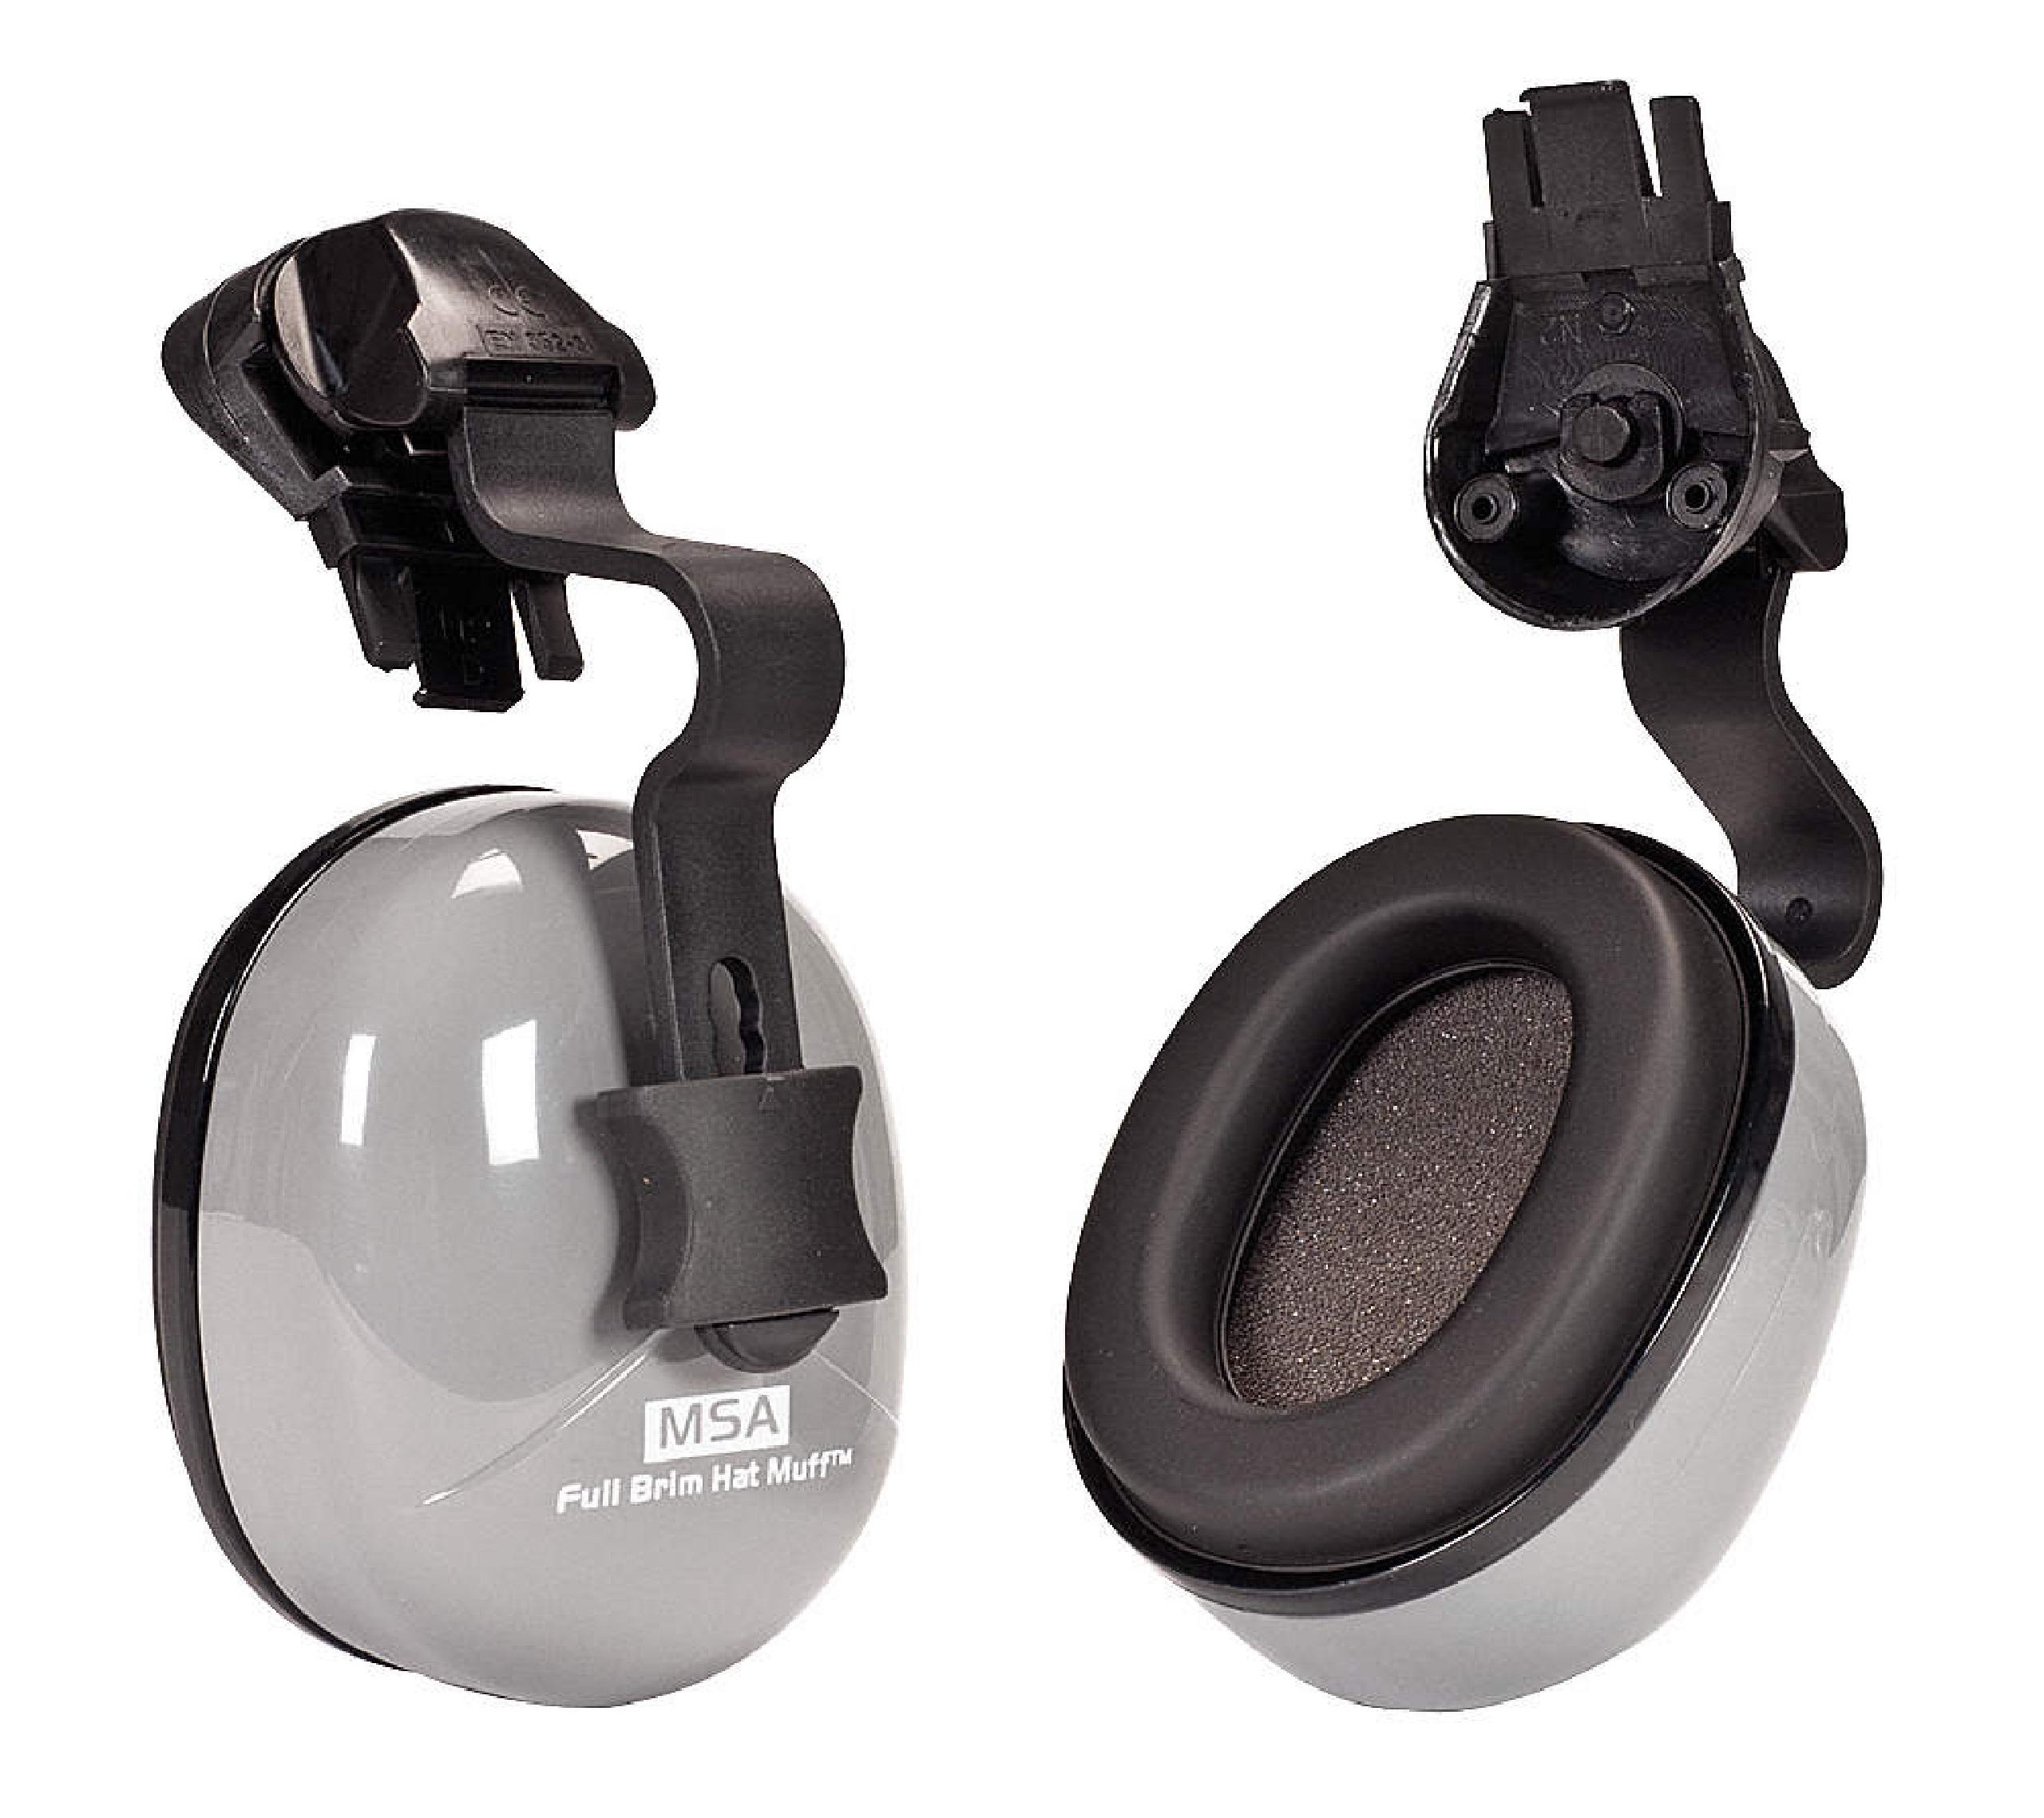 MSA Sound Control SH Ear Muff (For Full Brim Helmet) NRR 25 dBA